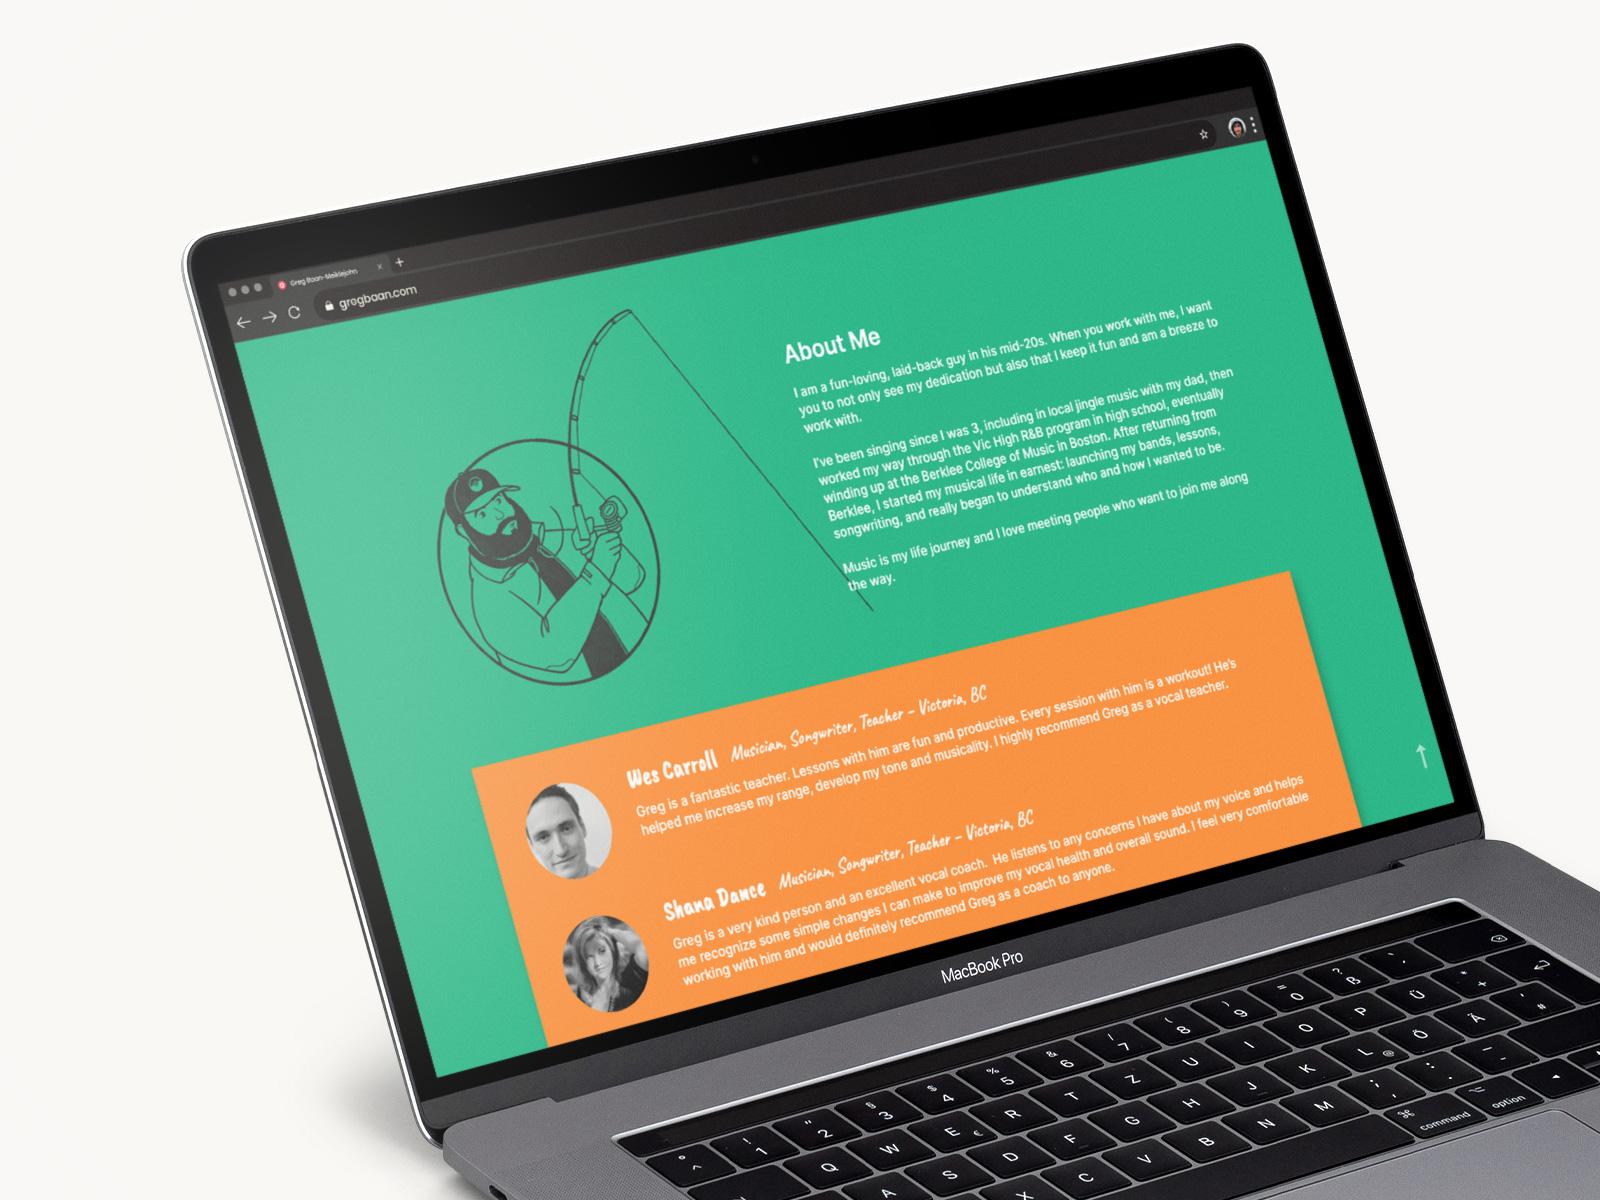 website design on macbook pro for greg baan .com